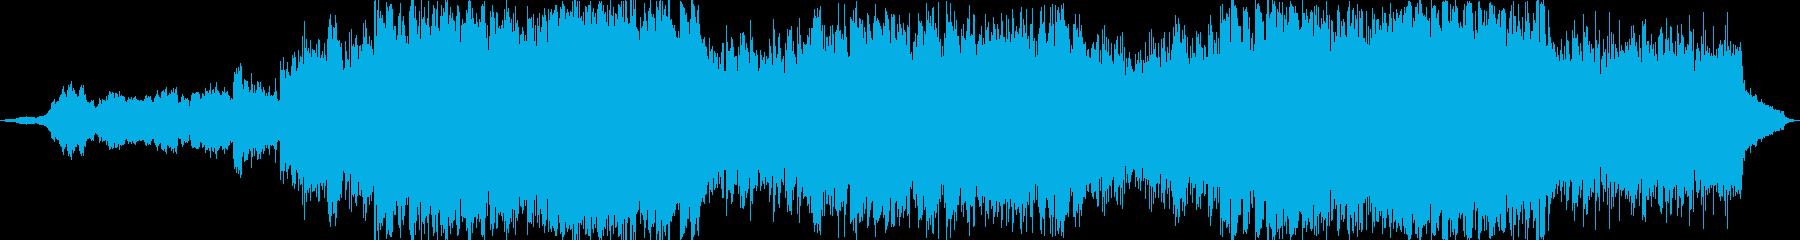 シネマティックドラマティックオーケストラの再生済みの波形